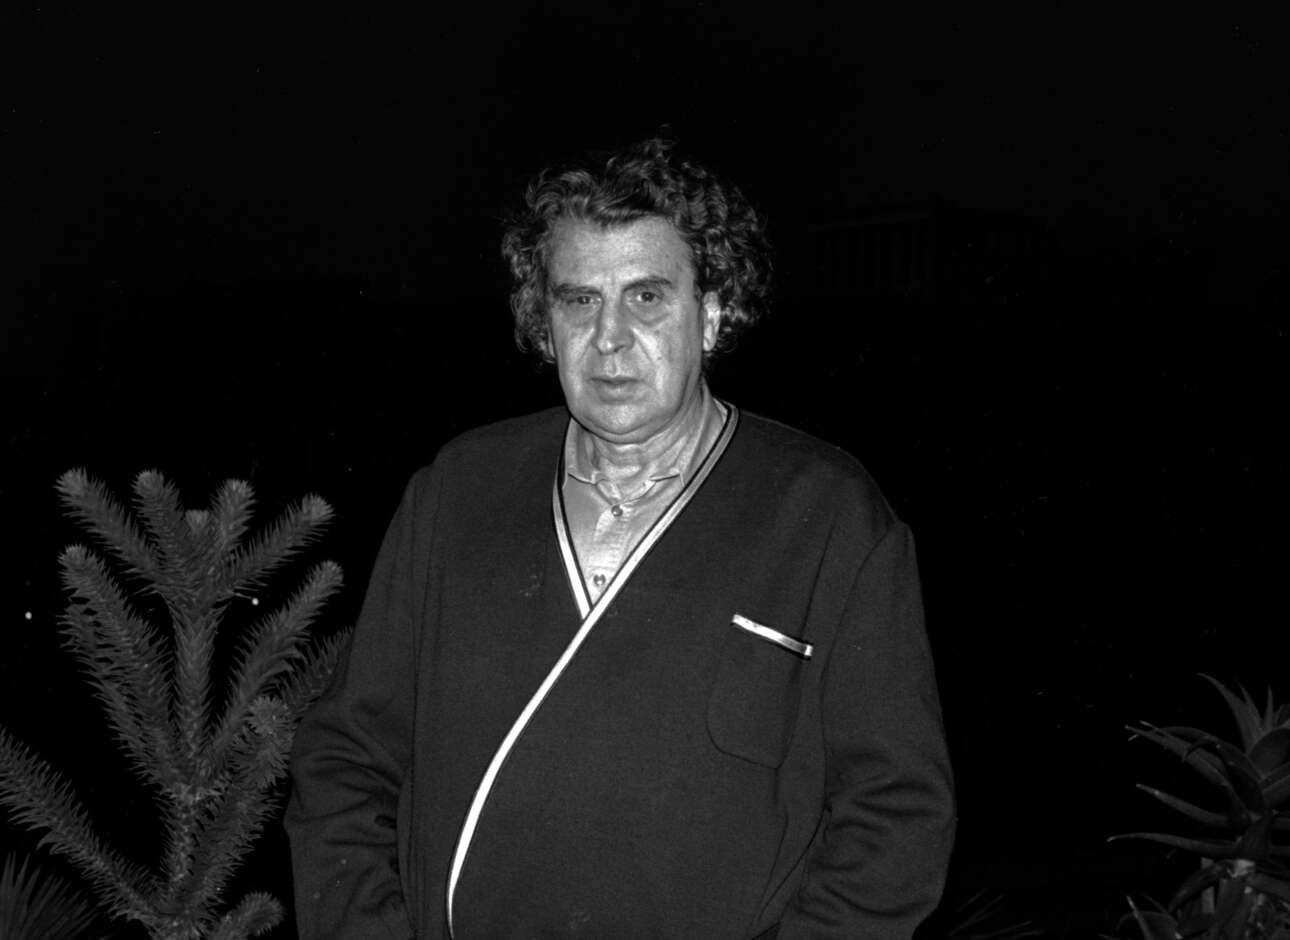 Οκτώβριος του 1989. Ο Μίκης Θεοδωράκης φωτογραφίζεται στο σπίτι του στο πλαίσιο συνέντευξης που παραχωρεί στο Reuters